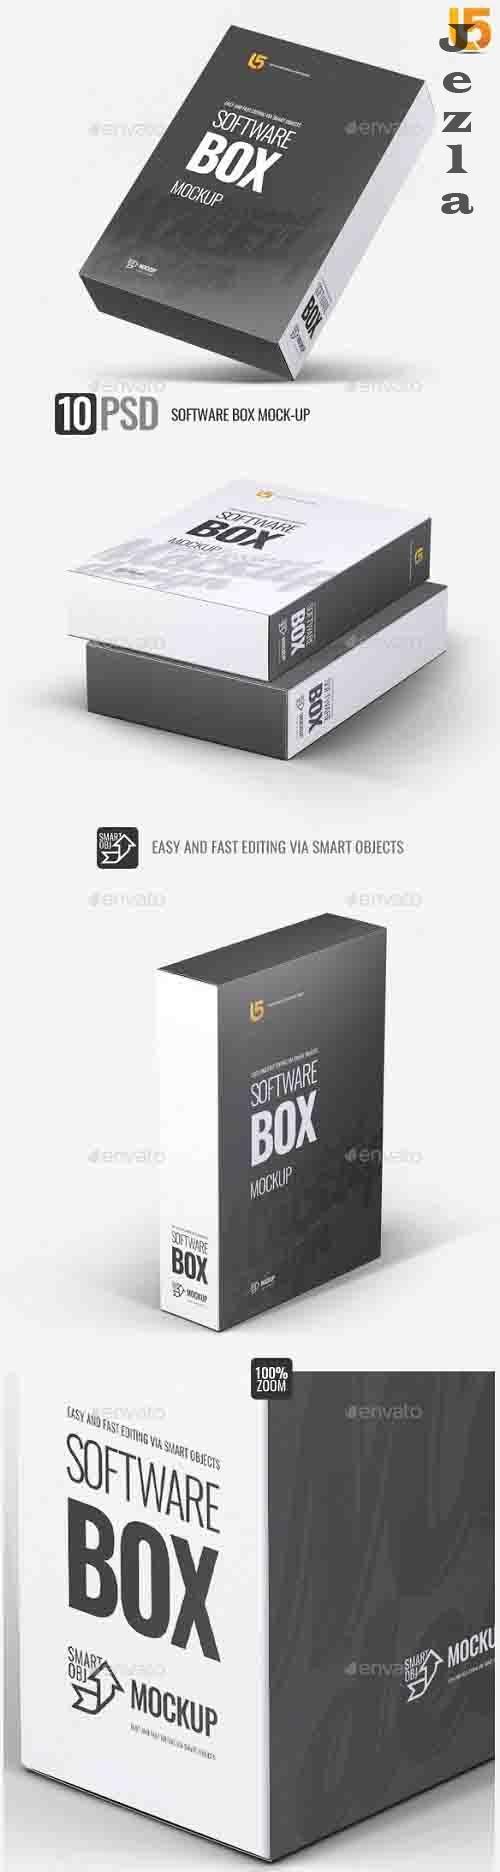 Software Box Mock-up  - 27879232